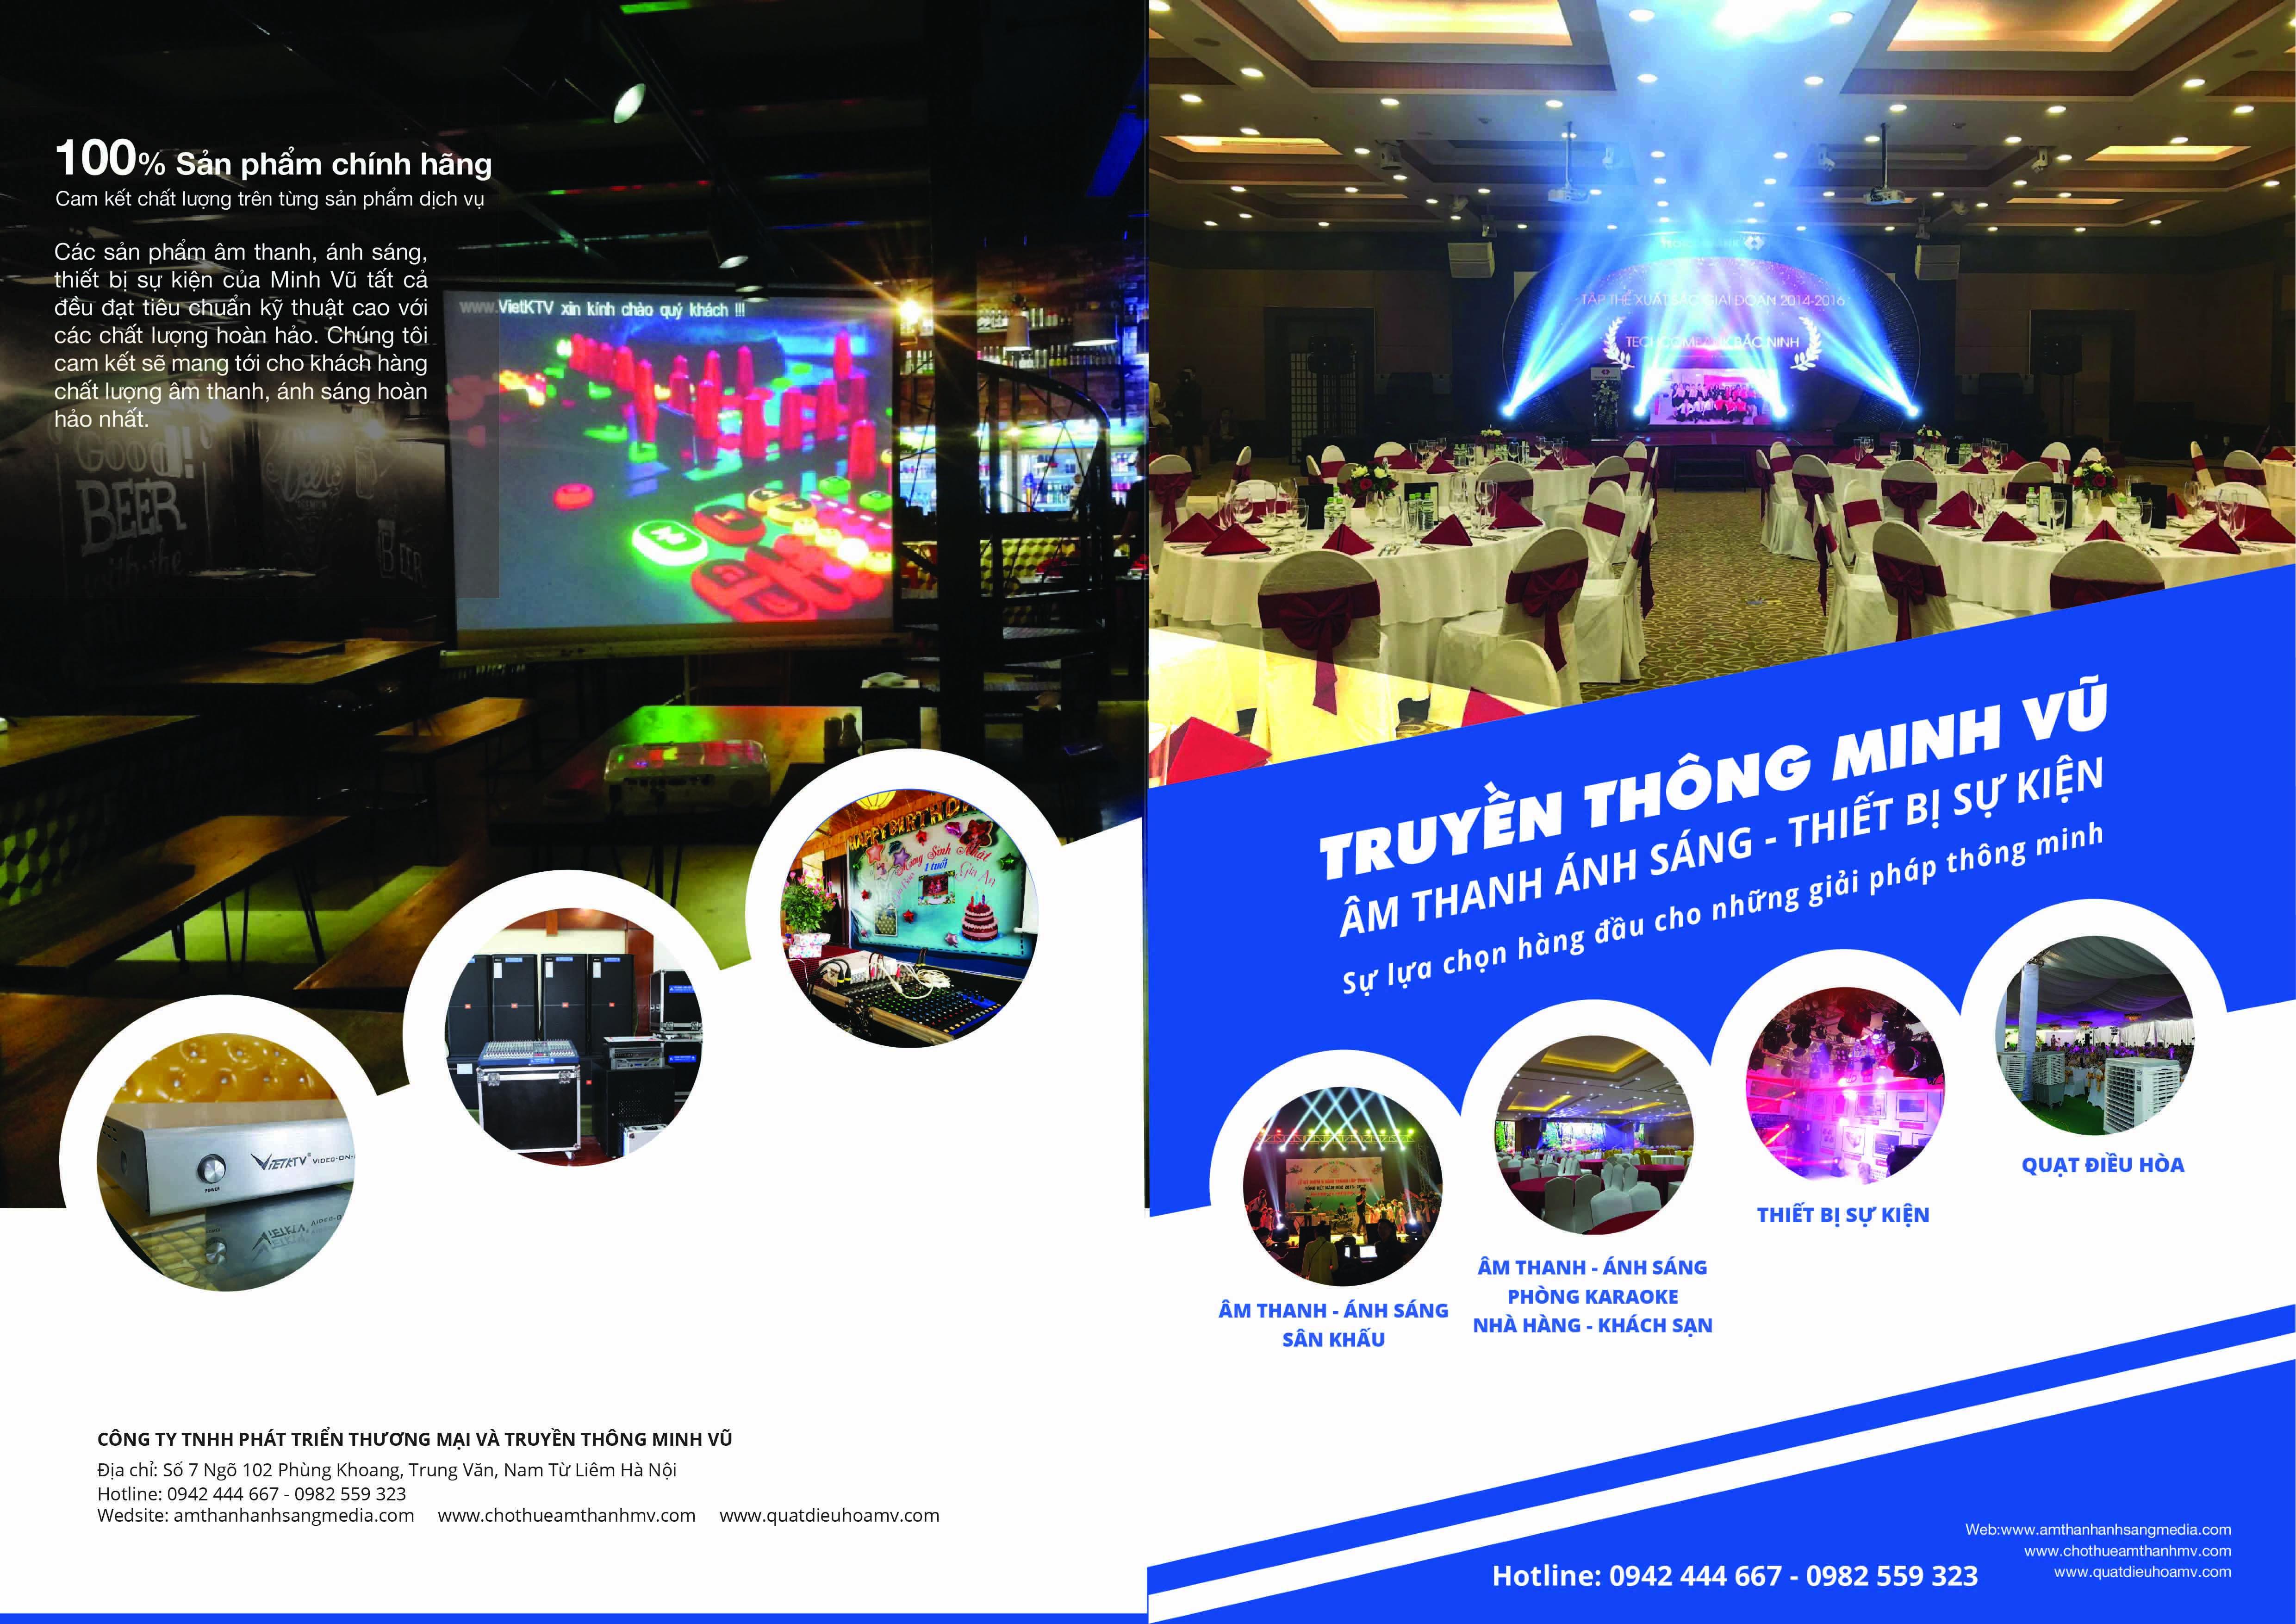 Cho Thuê Karaoke Chọn Bài Chuyên Nghiệp Tại Hà Nội